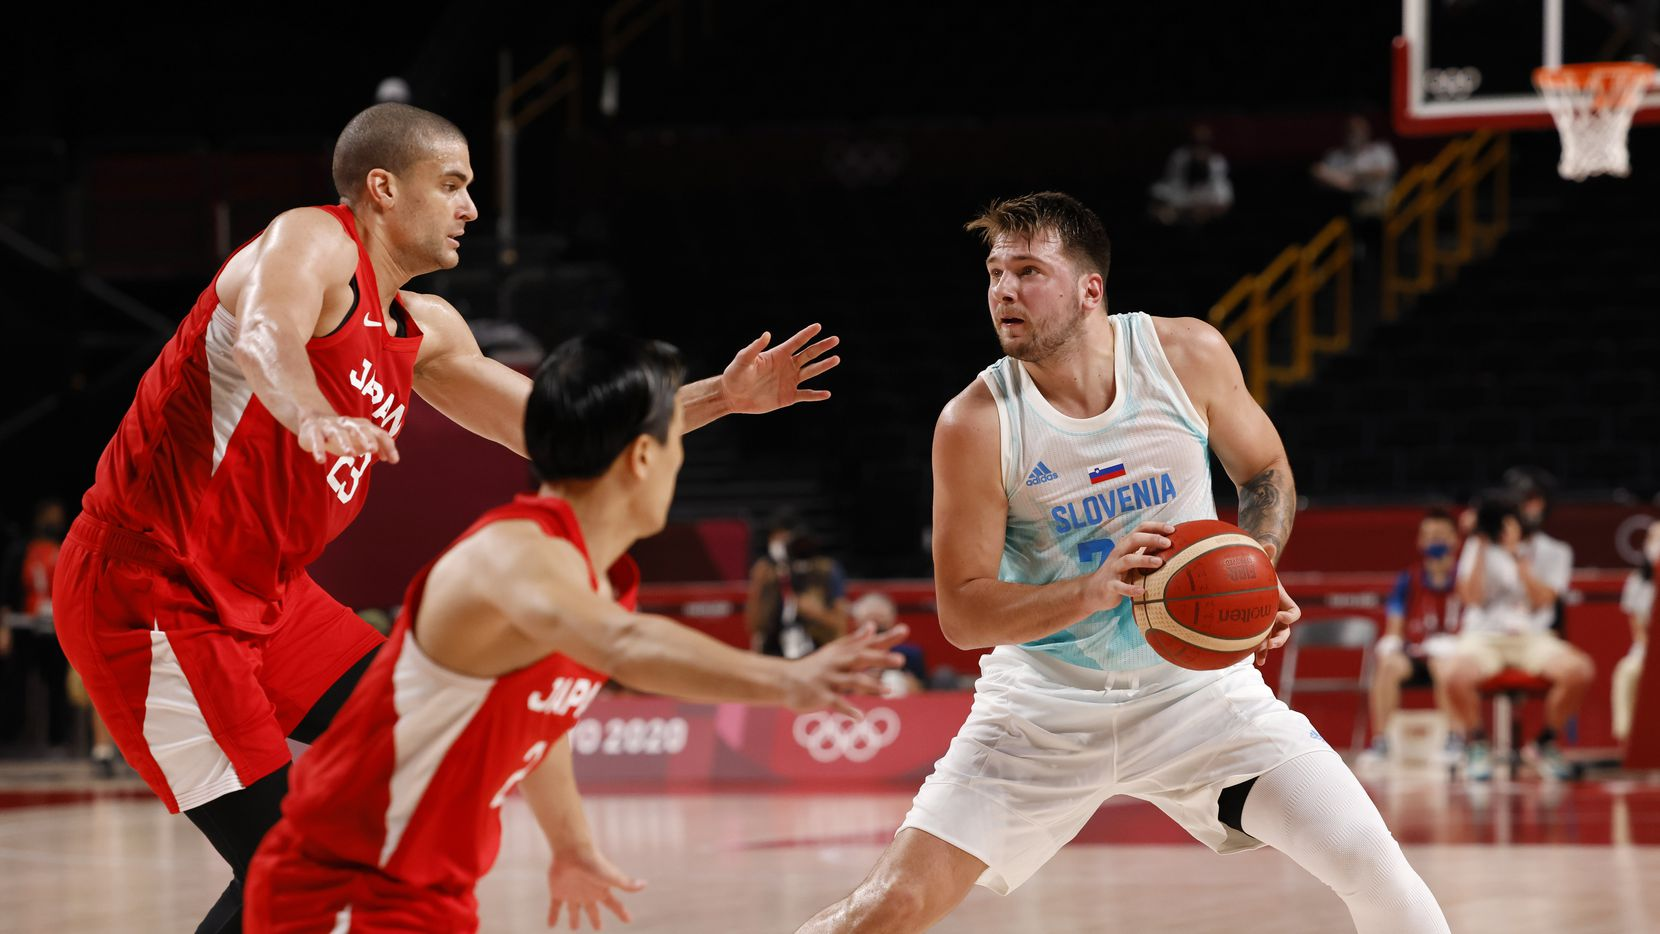 Luka Doncic (der) de Eslovenia da un paso atrás para un intento de tres puntos mientras el japonés Gavin Earl Edwards  defiende en un juego de baloncesto en los Juegos Olímpicos de Tokio, el 29 de julio de 2021. (Vernon Bryant / The Dallas Morning News)